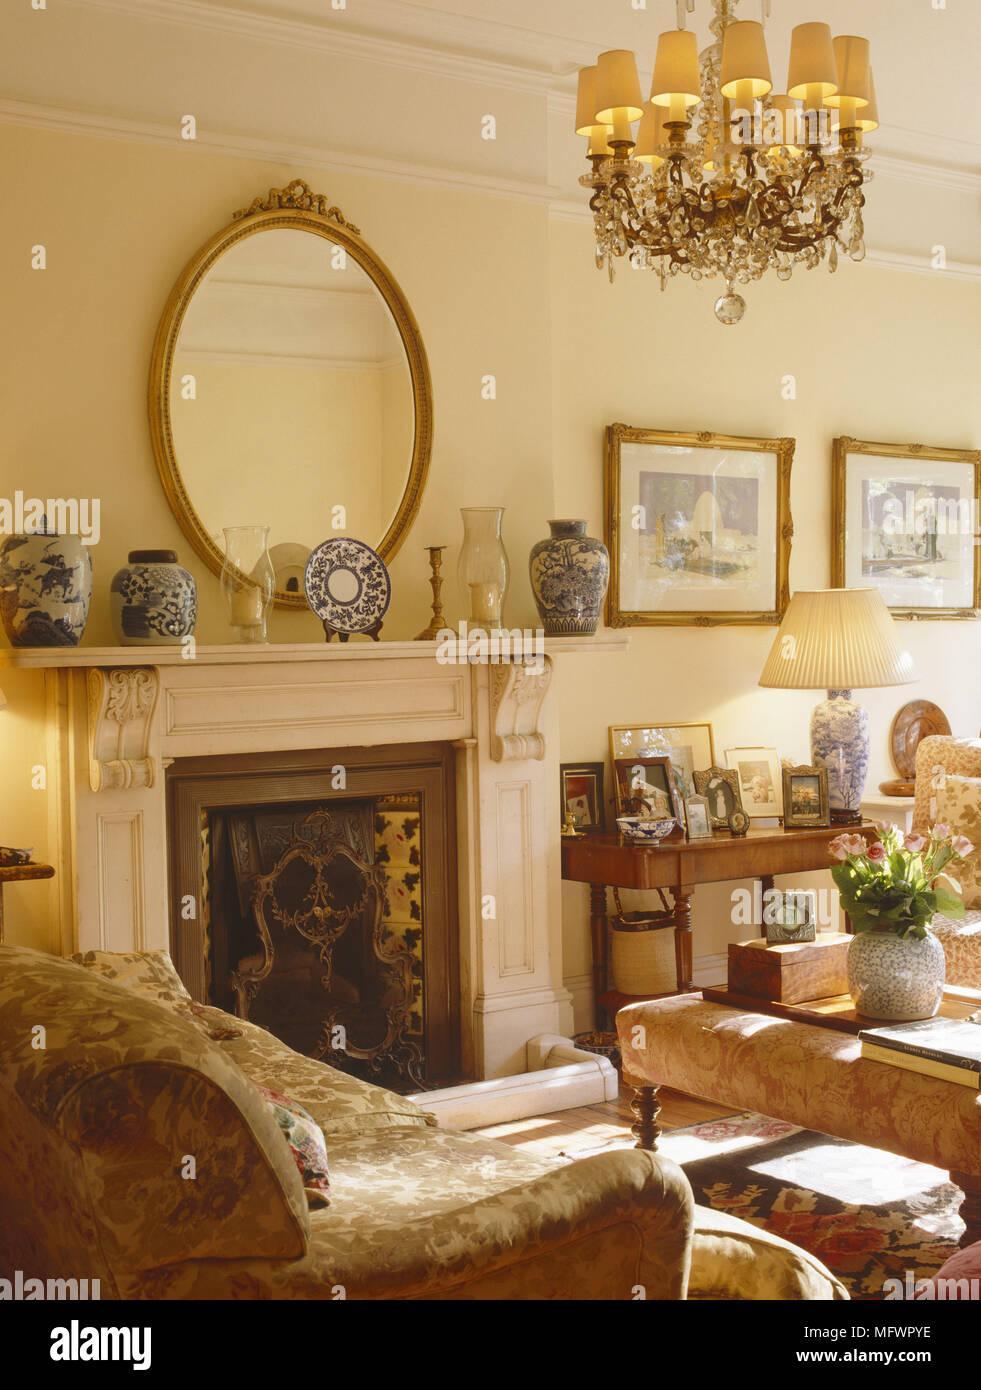 salon avec cheminée au-dessus du miroir ovale à côté d'artwork et d